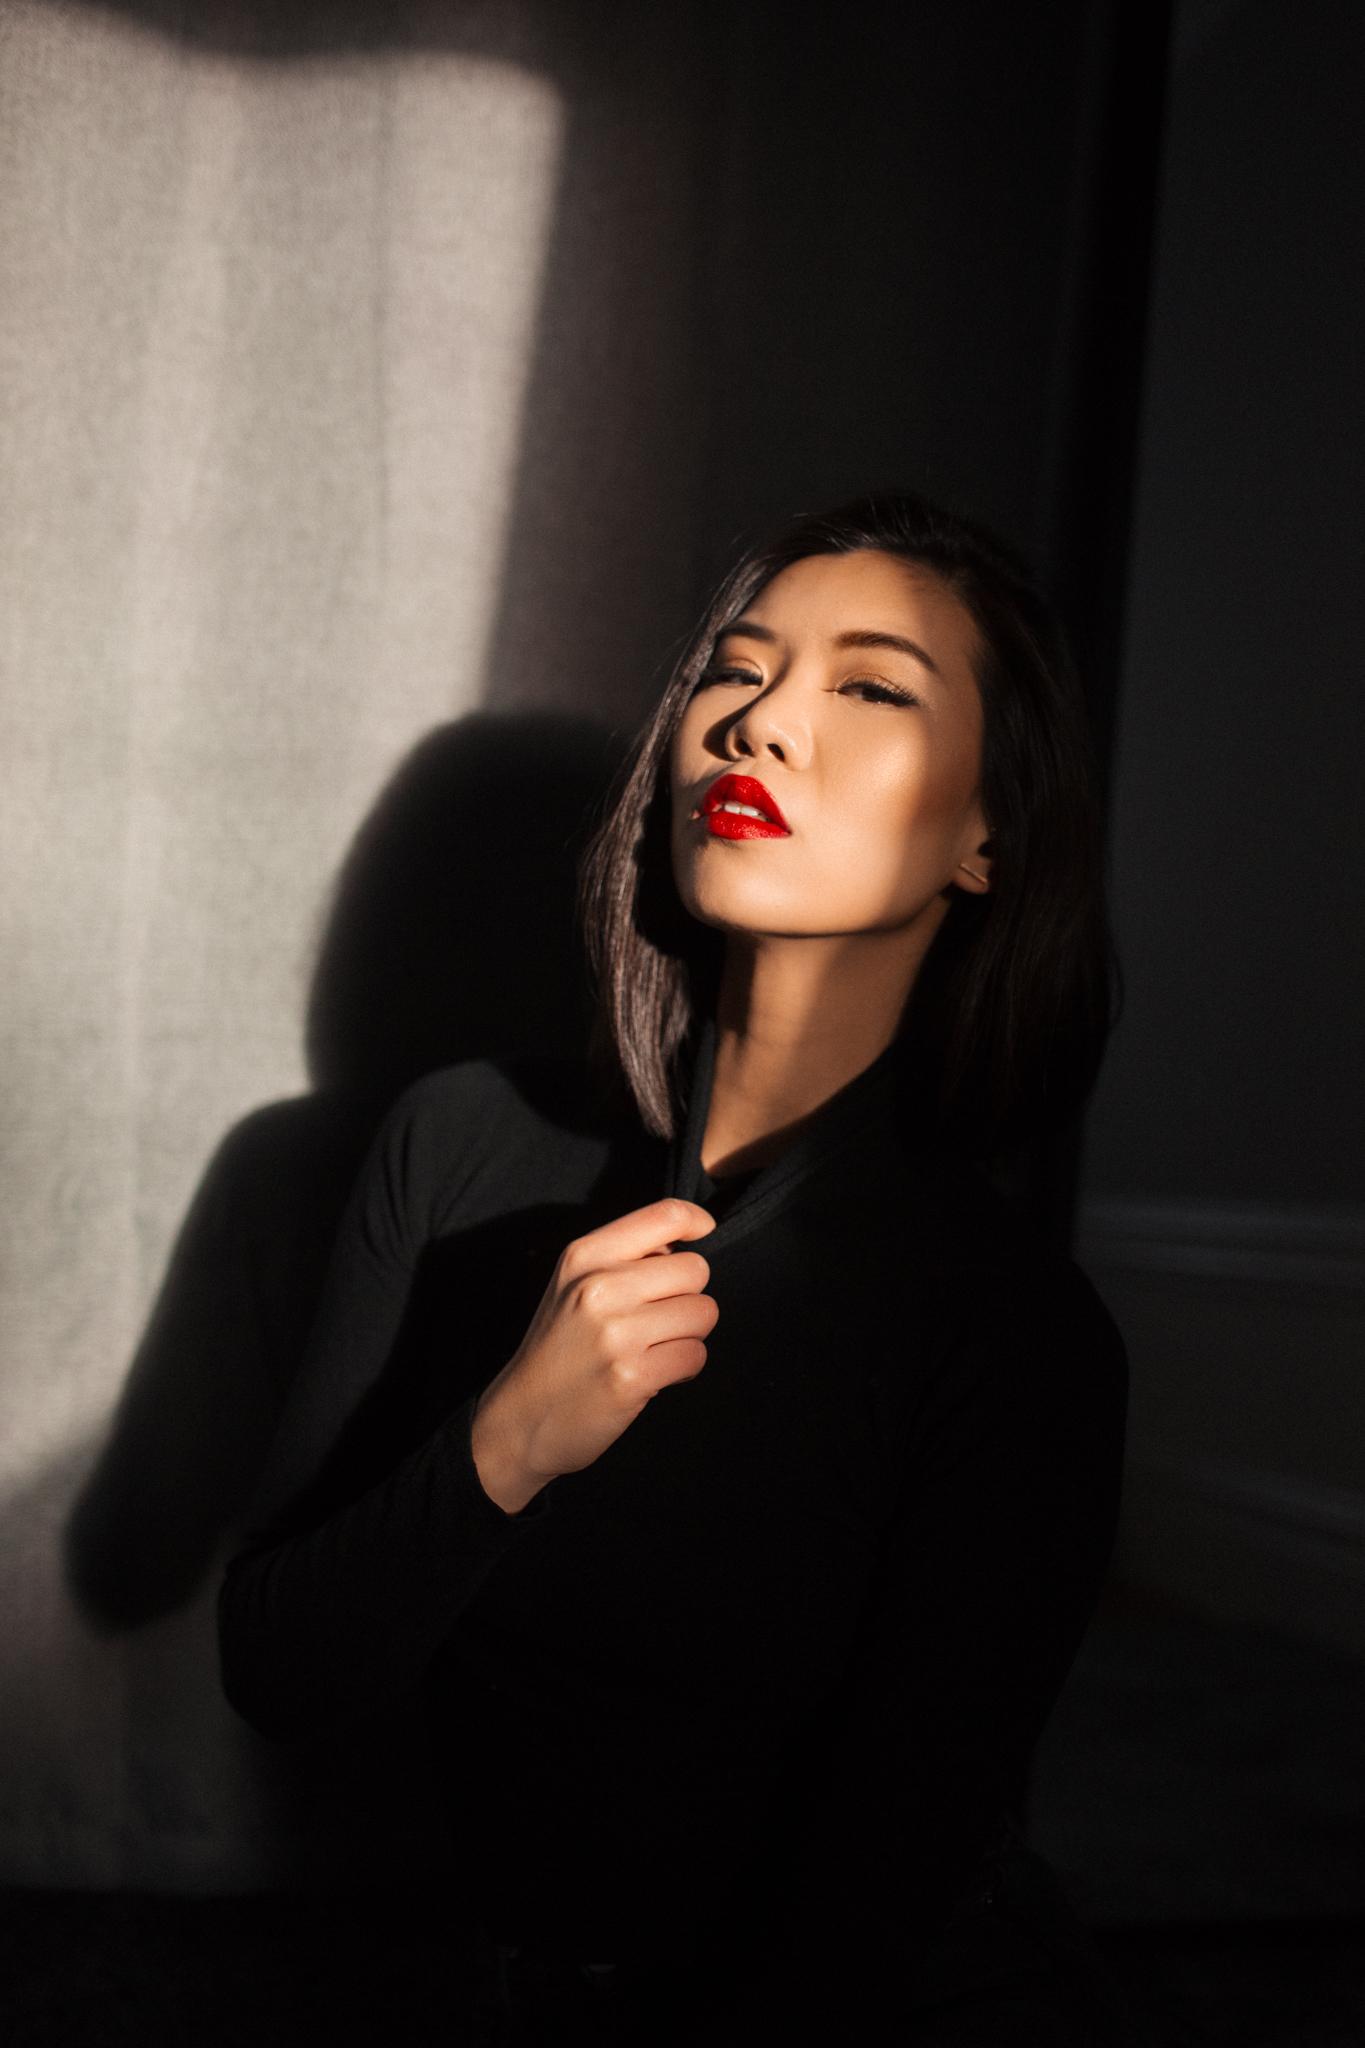 Jessica-232-Edit.jpg